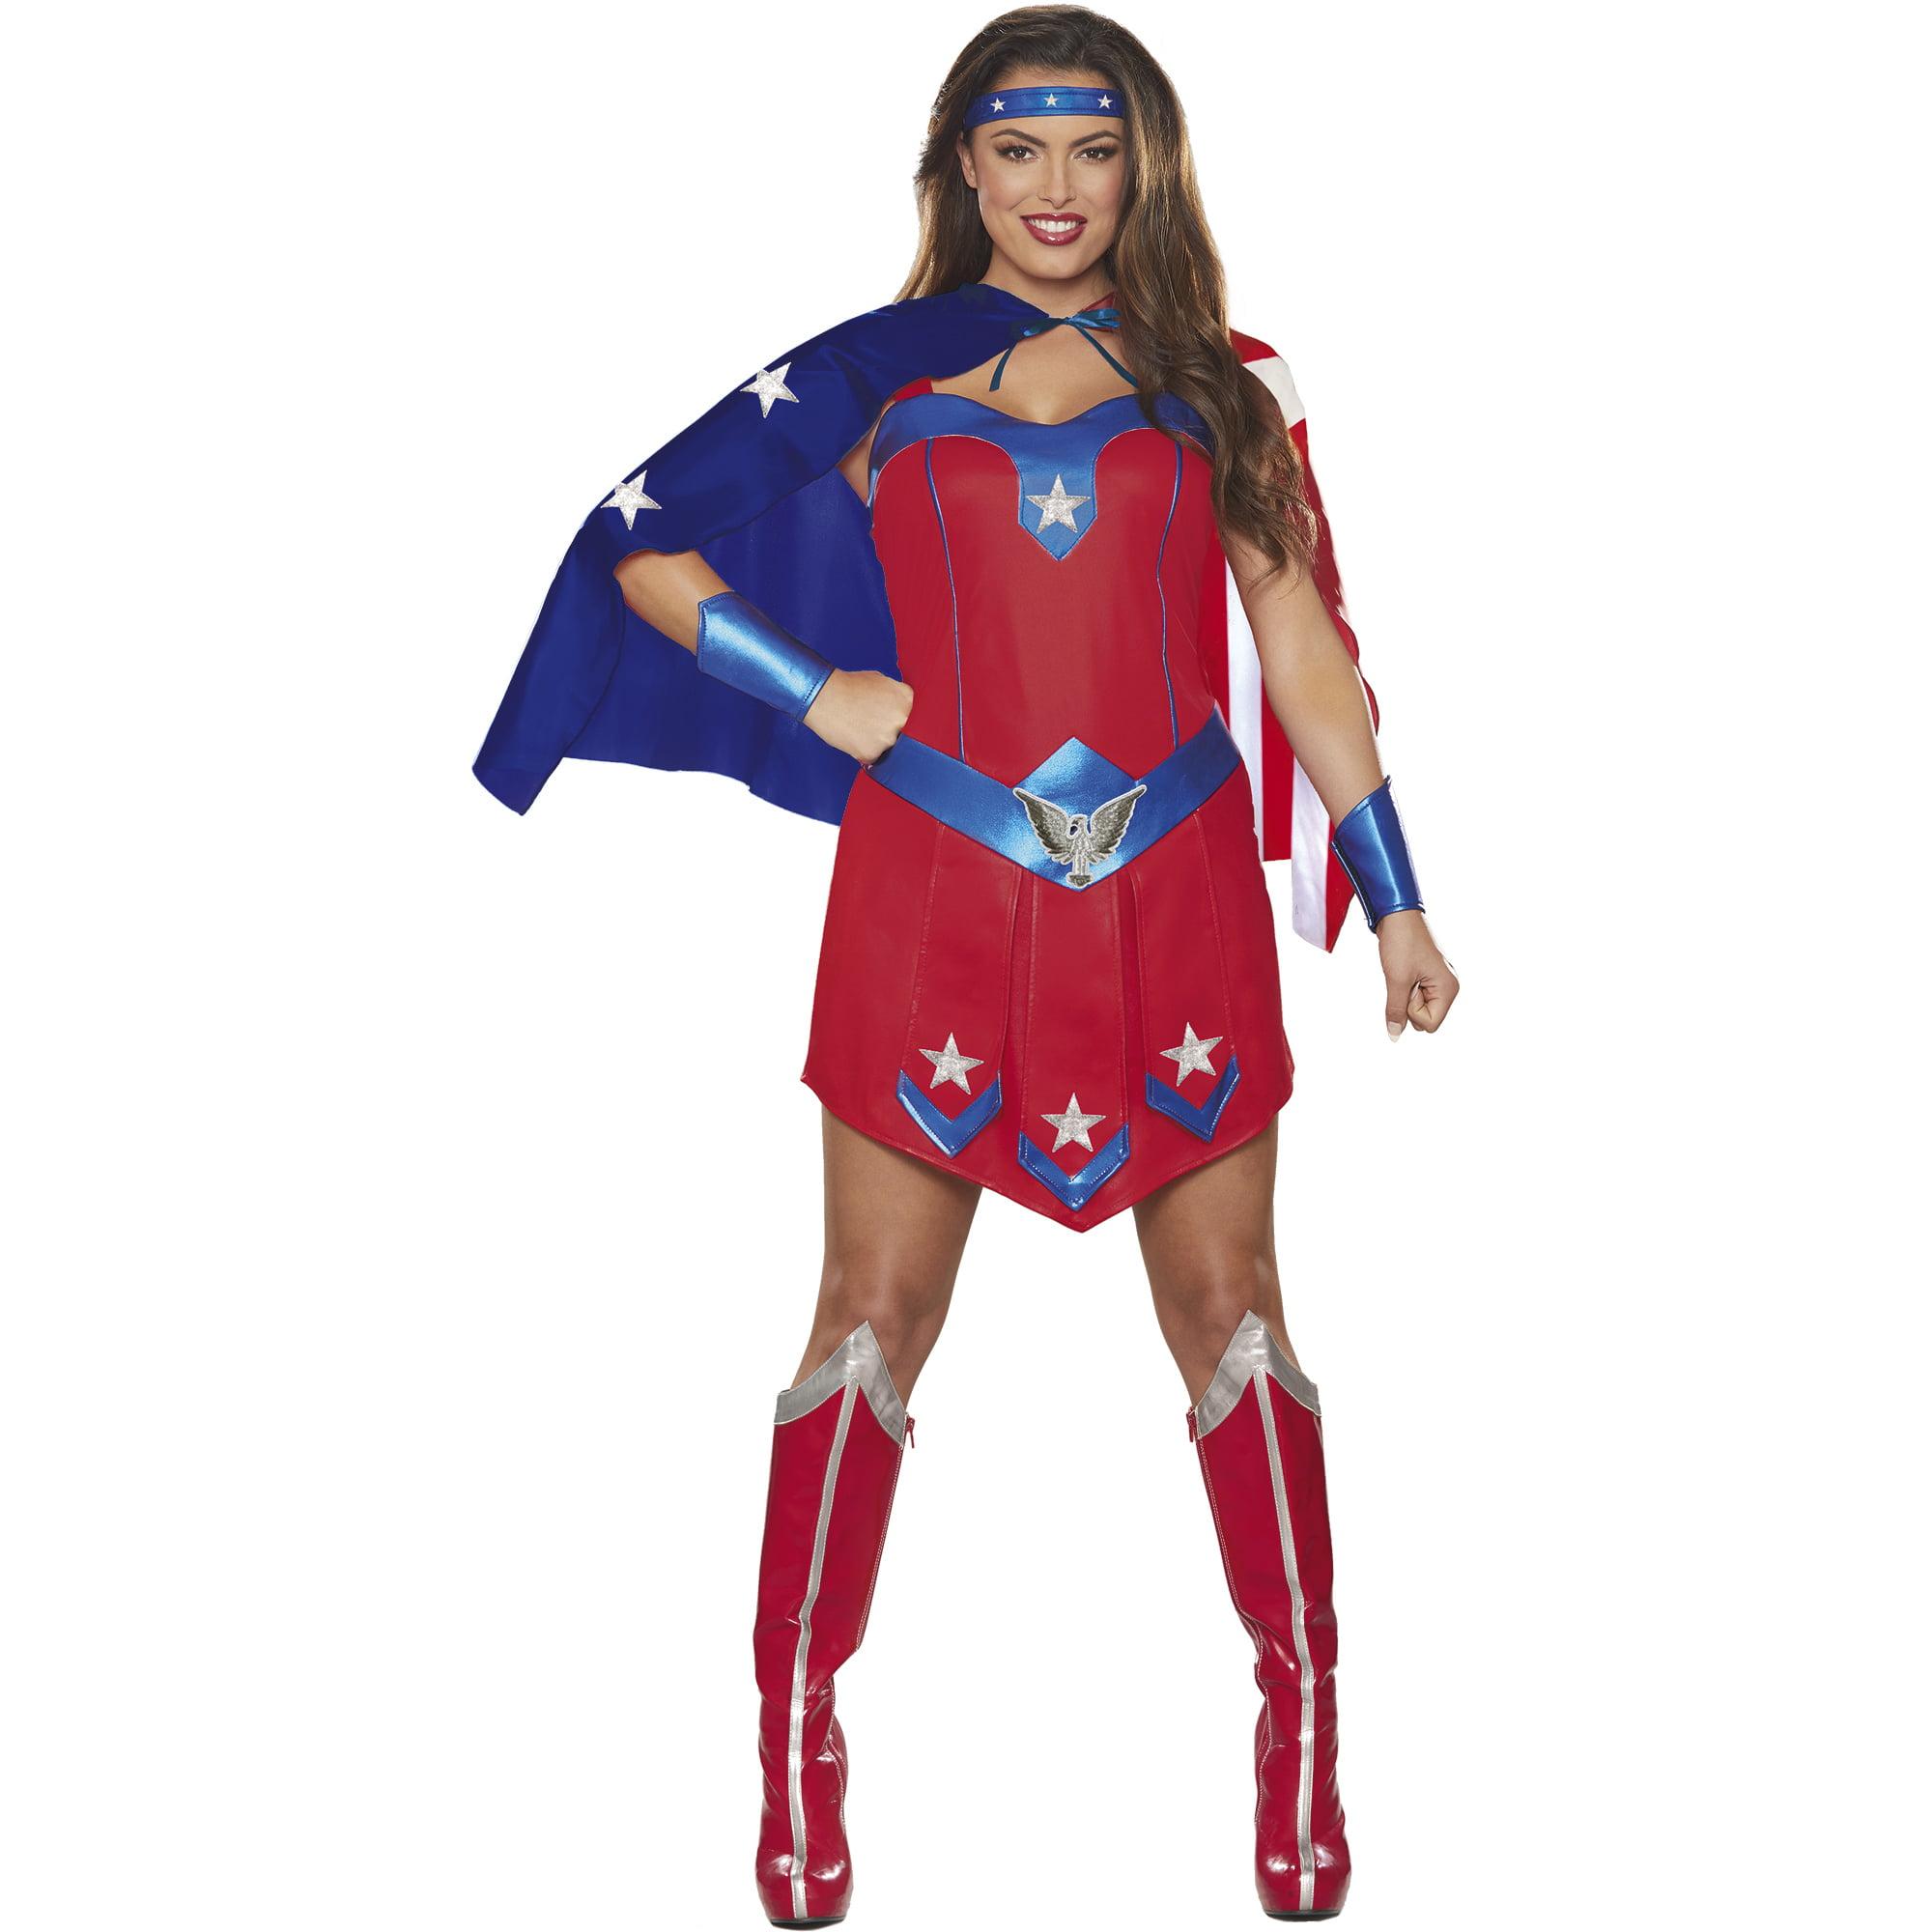 Women's Super Hero Halloween Costume